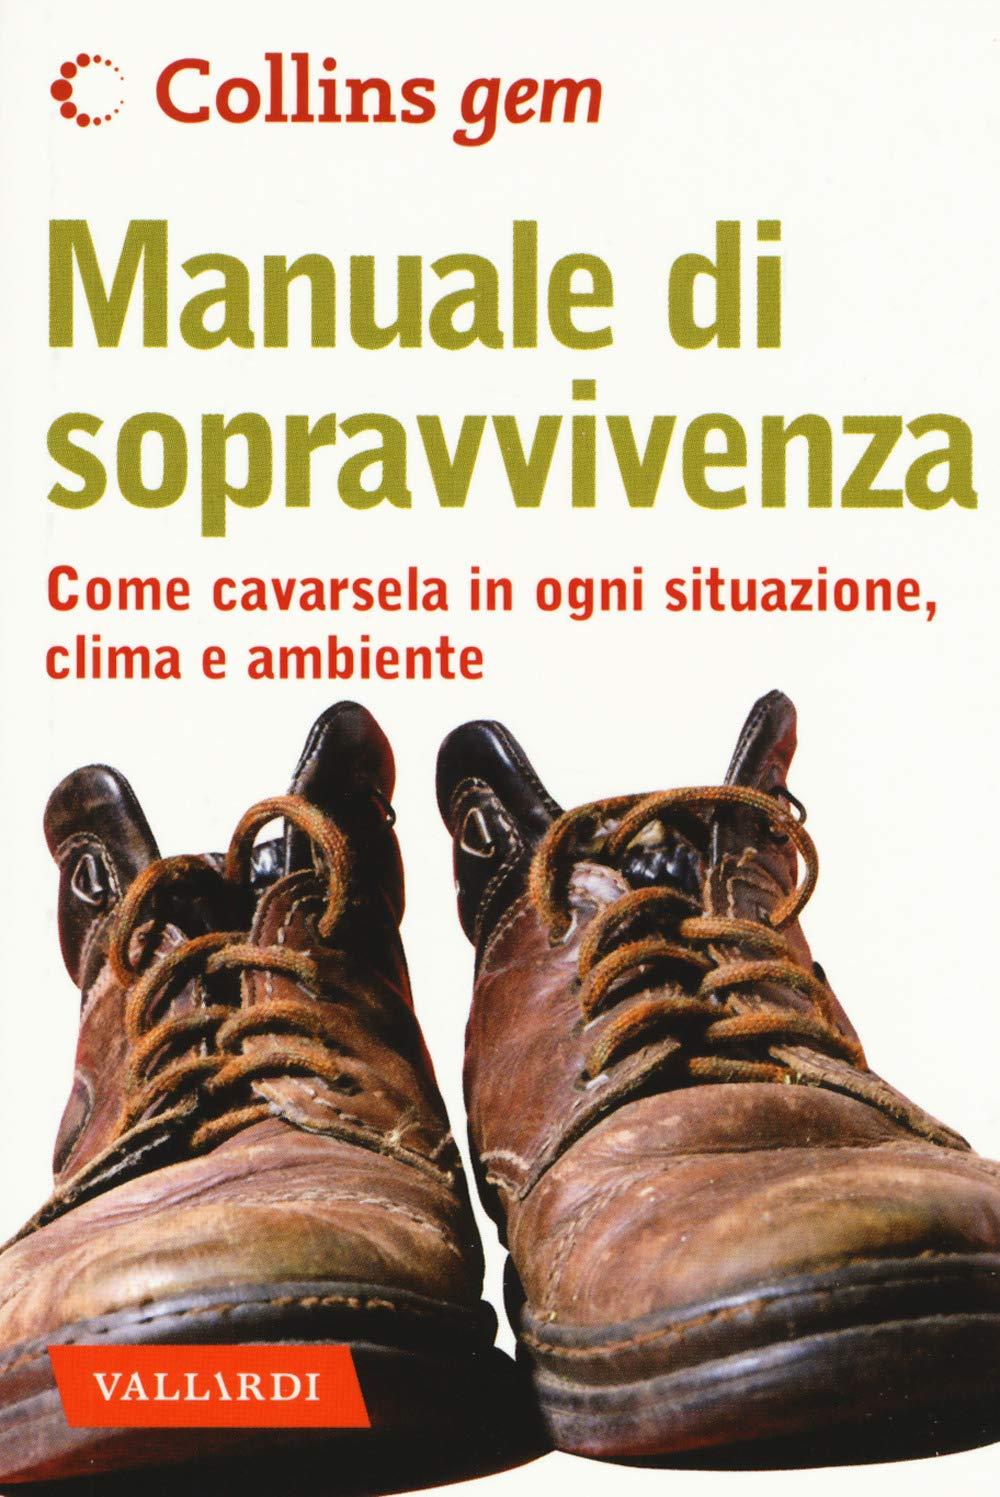 Amazon.it: Manuale di sopravvivenza. Come cavarsela in ogni situazione,  clima e ambiente - Wiseman, John, Pedretti, Mauro - Libri